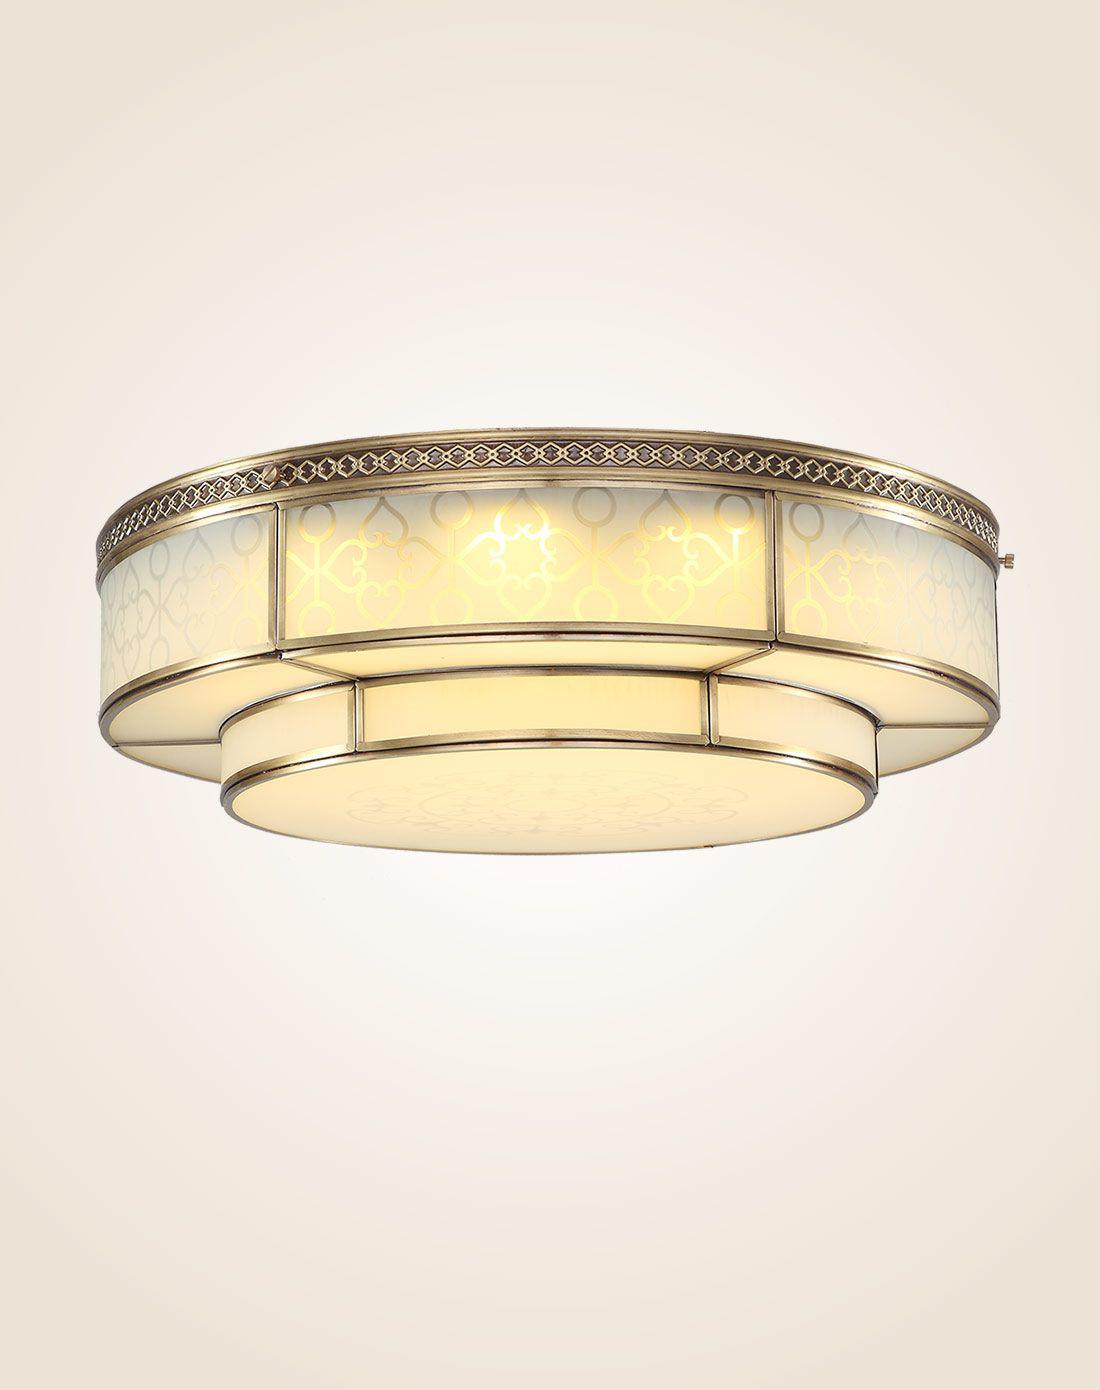 全铜led三色变光水晶吸顶灯